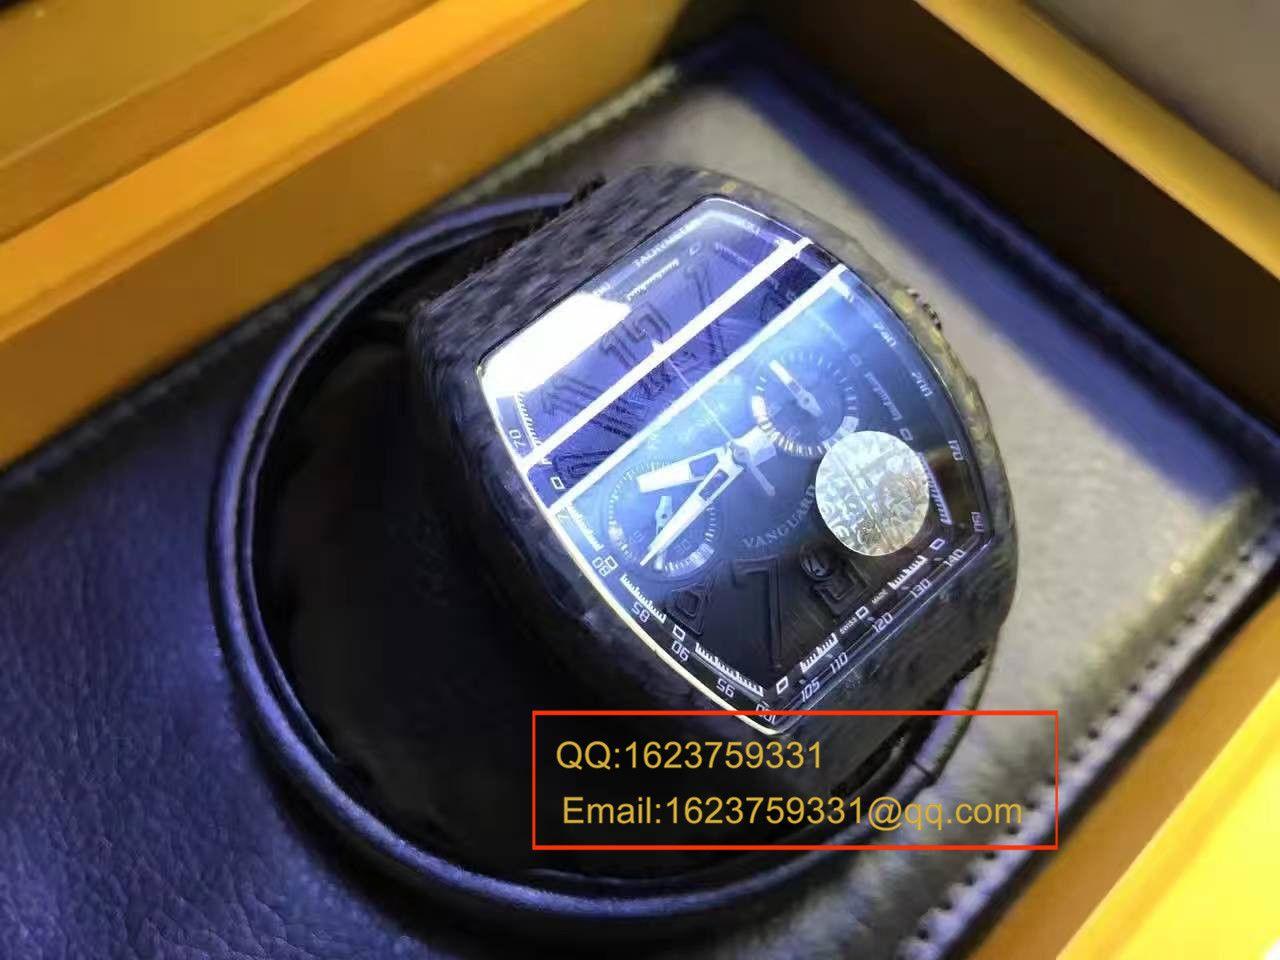 【视频评测LE一比一超A高仿手表】法兰克.穆勒Franck Muller NEW SARATOGE系列V 45 CC DT BLACK PXL腕表